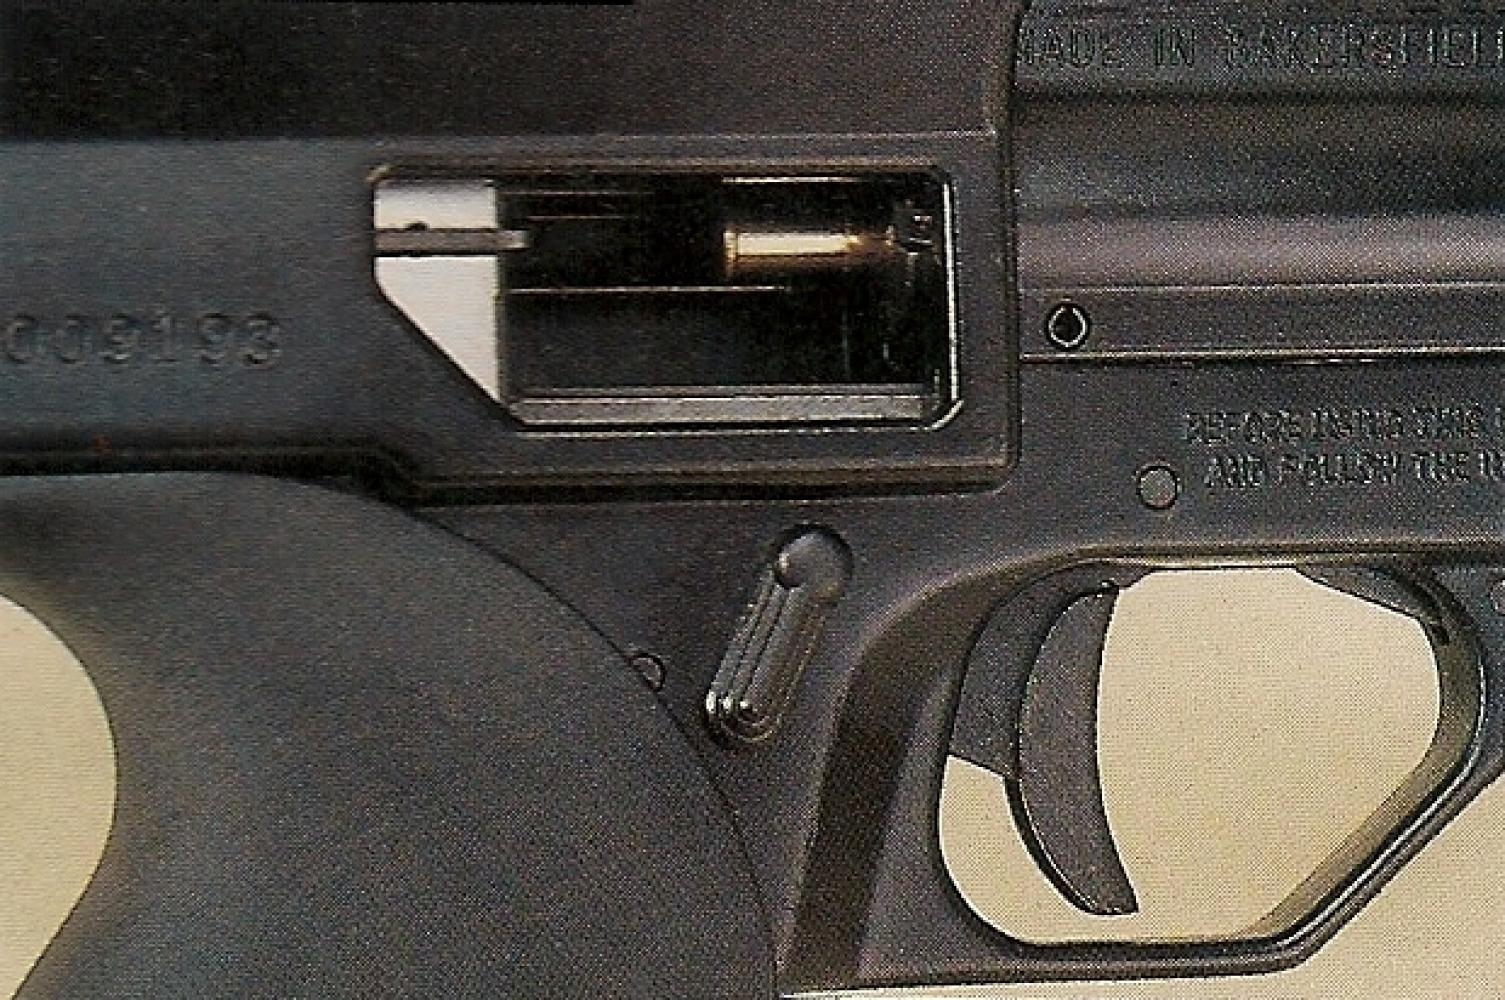 Le pistolet Calico M-111 doit être chargé au coup par coup après avoir bloqué sa culasse en position arrière.